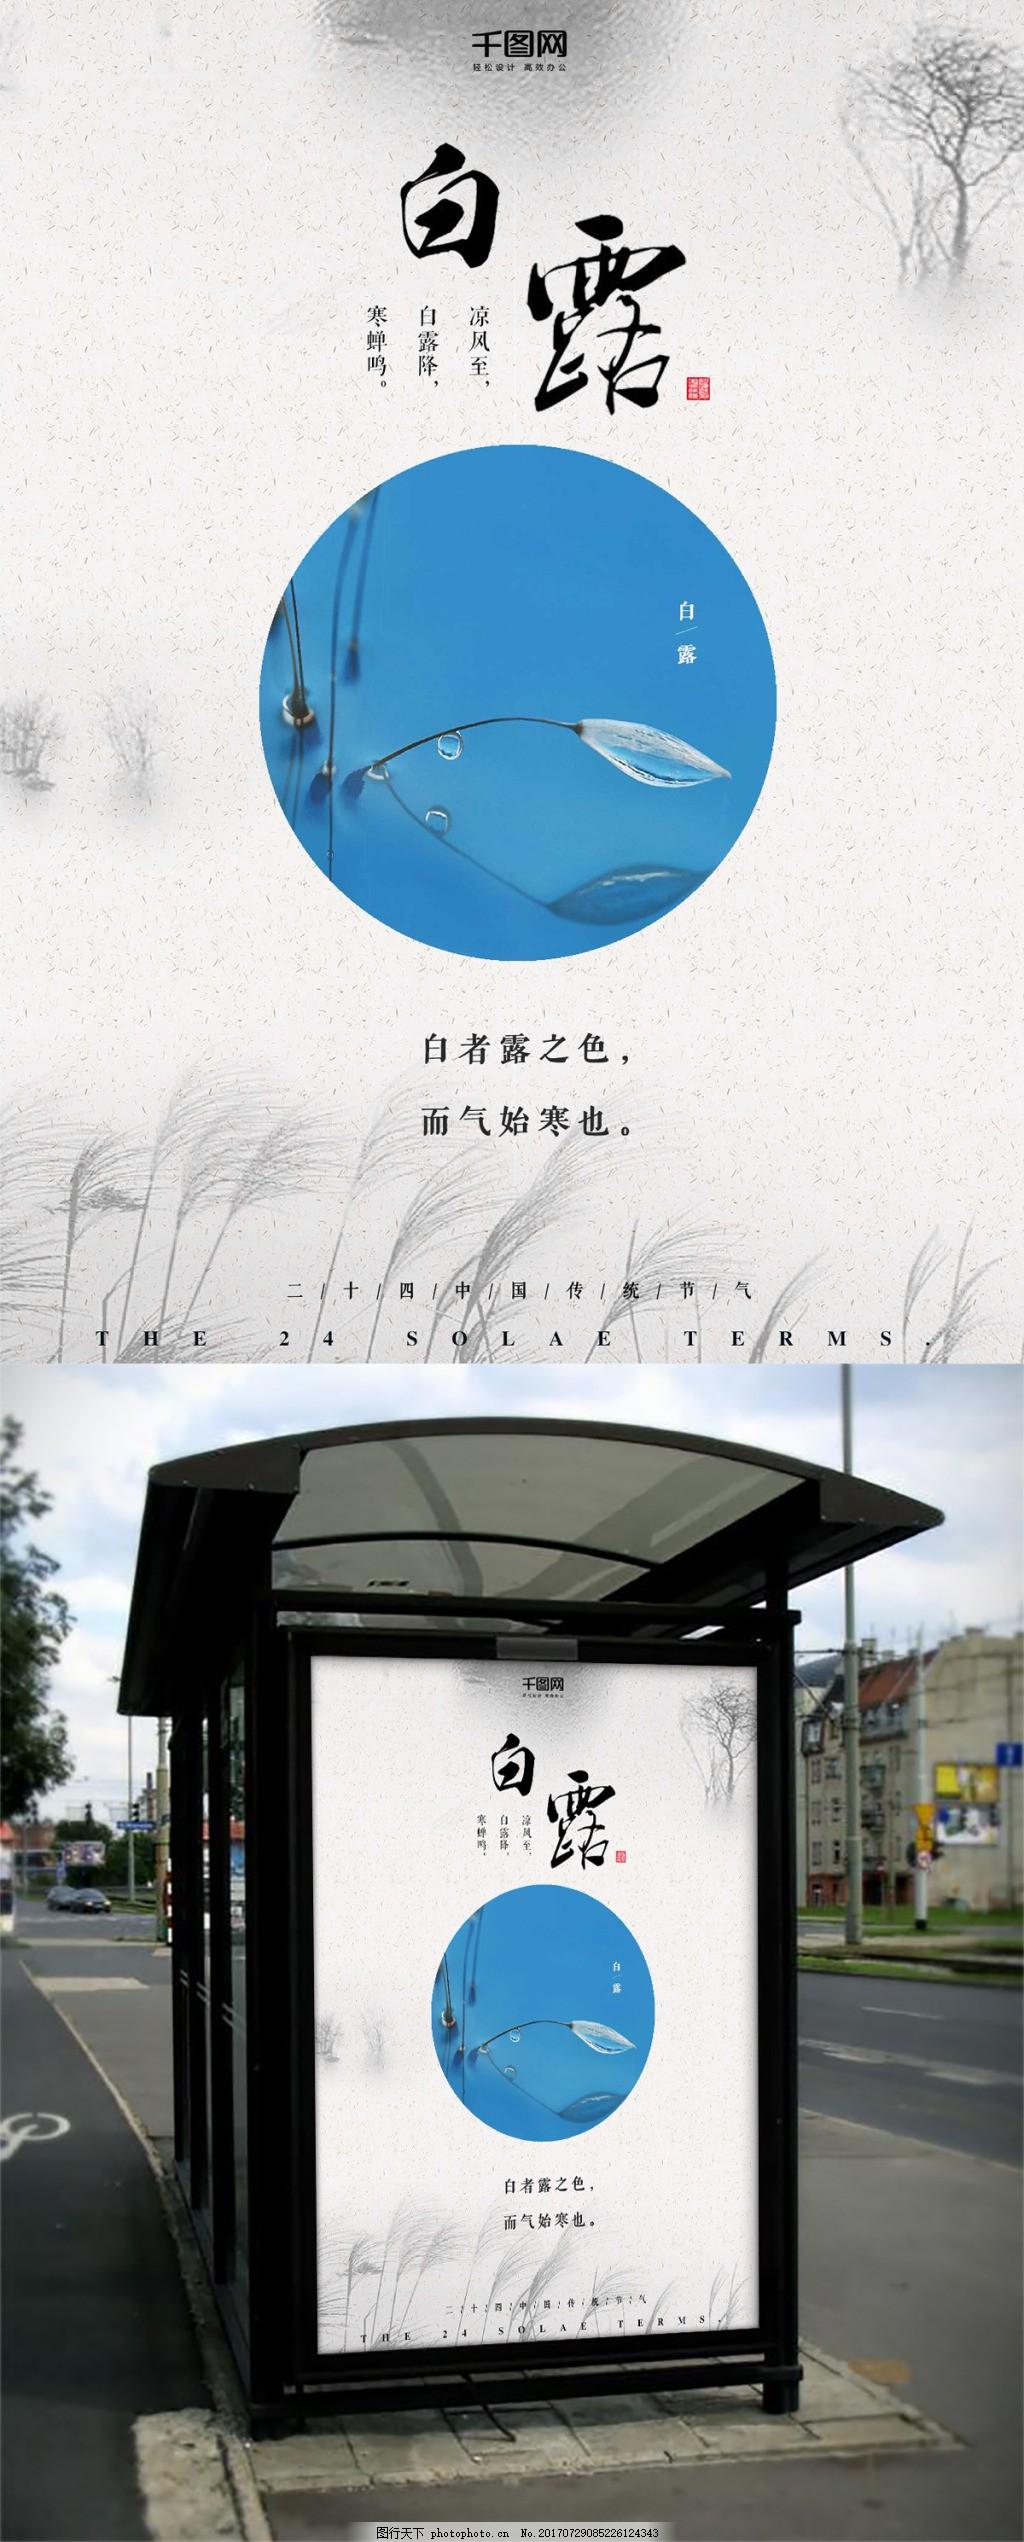 白露二十四节气清新中国风海报设计微信配图